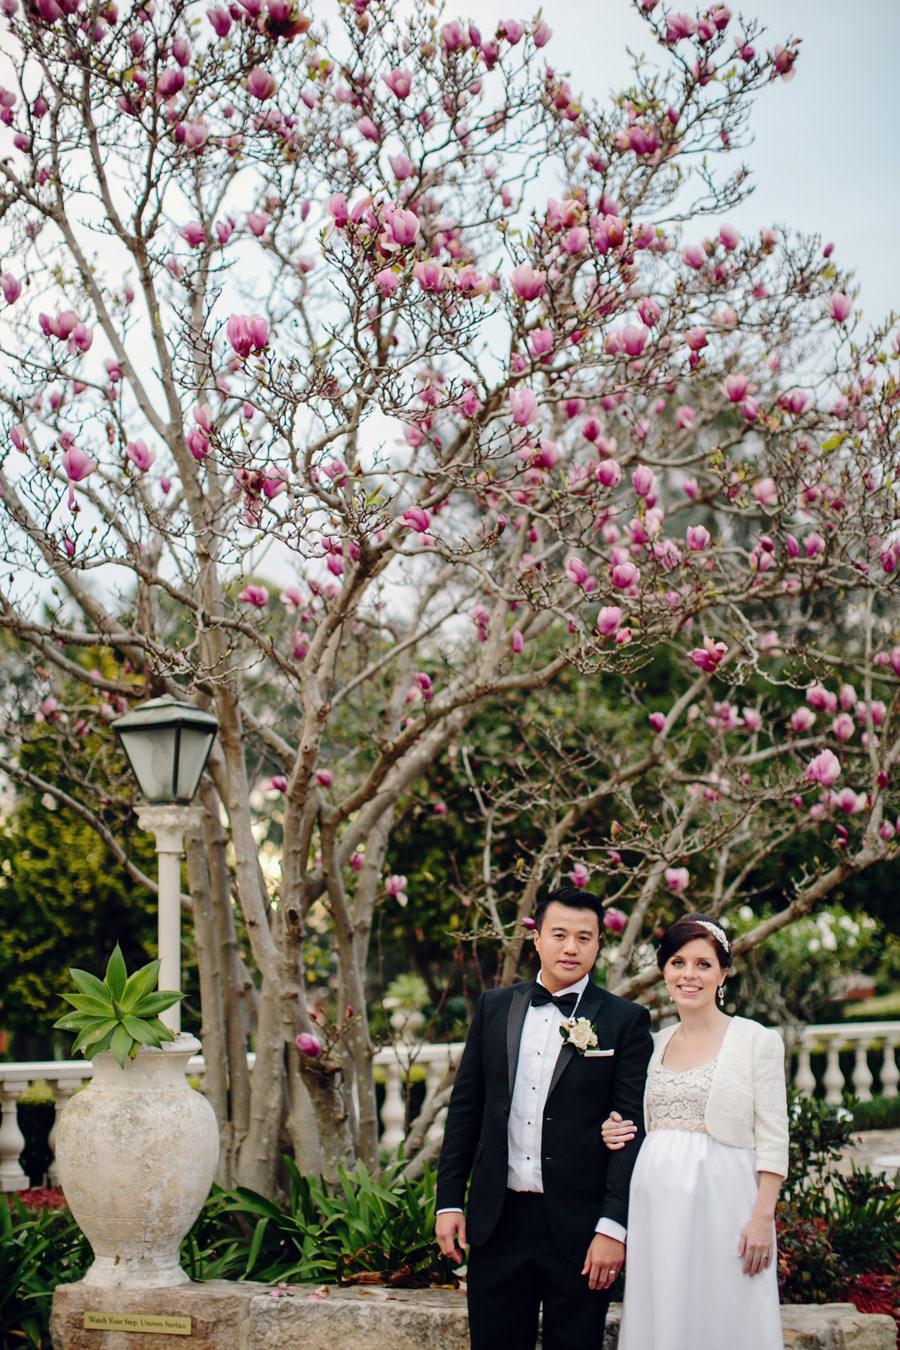 Oatlands Wedding Photographer: Bride & Groom portraits